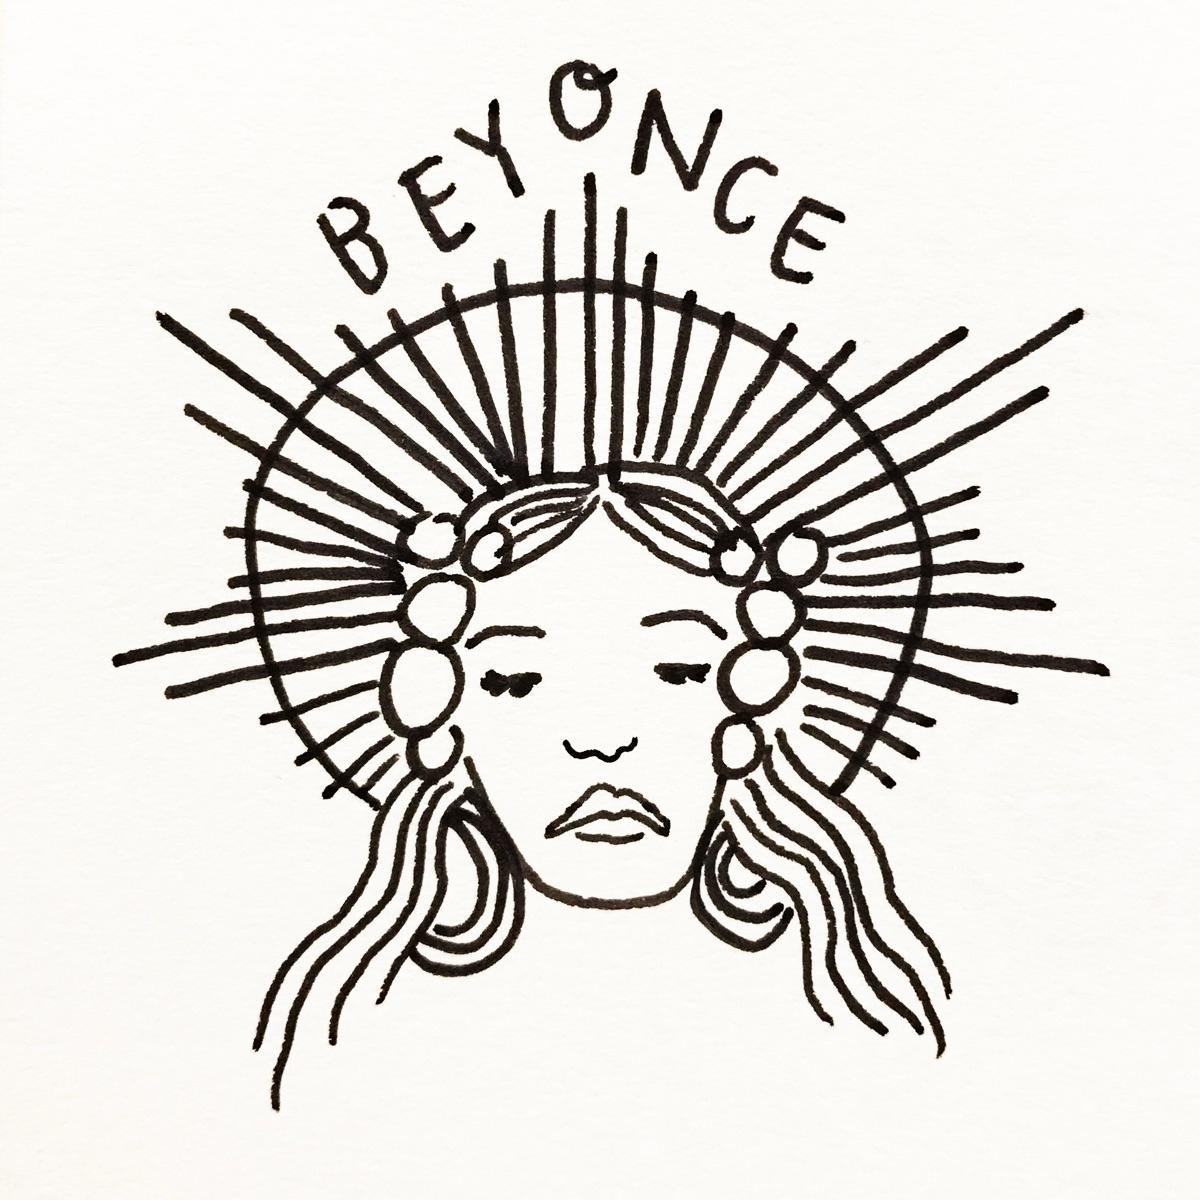 Daily Drawing Day - Beyoncé Bla - wawawawick | ello